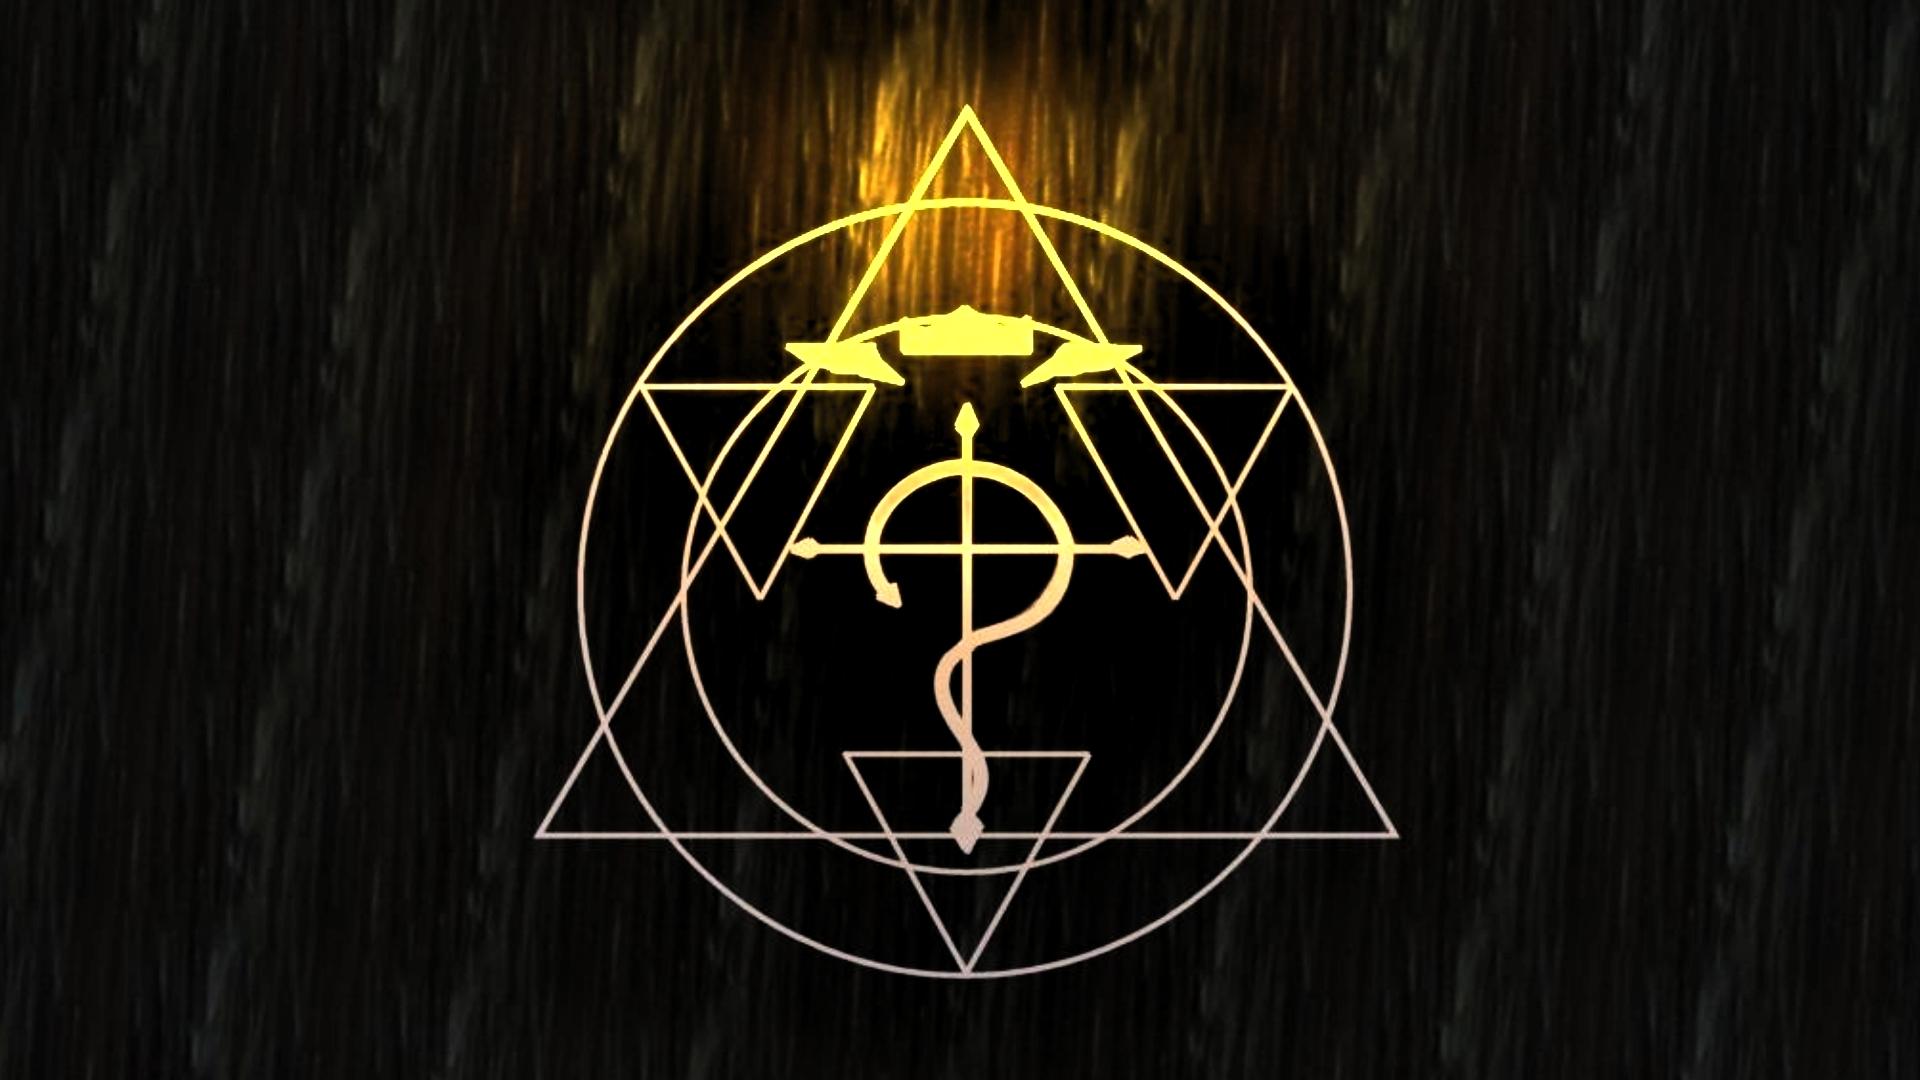 Download Fullmetal Alchemist Wallpaper 1920x1080 1920x1080